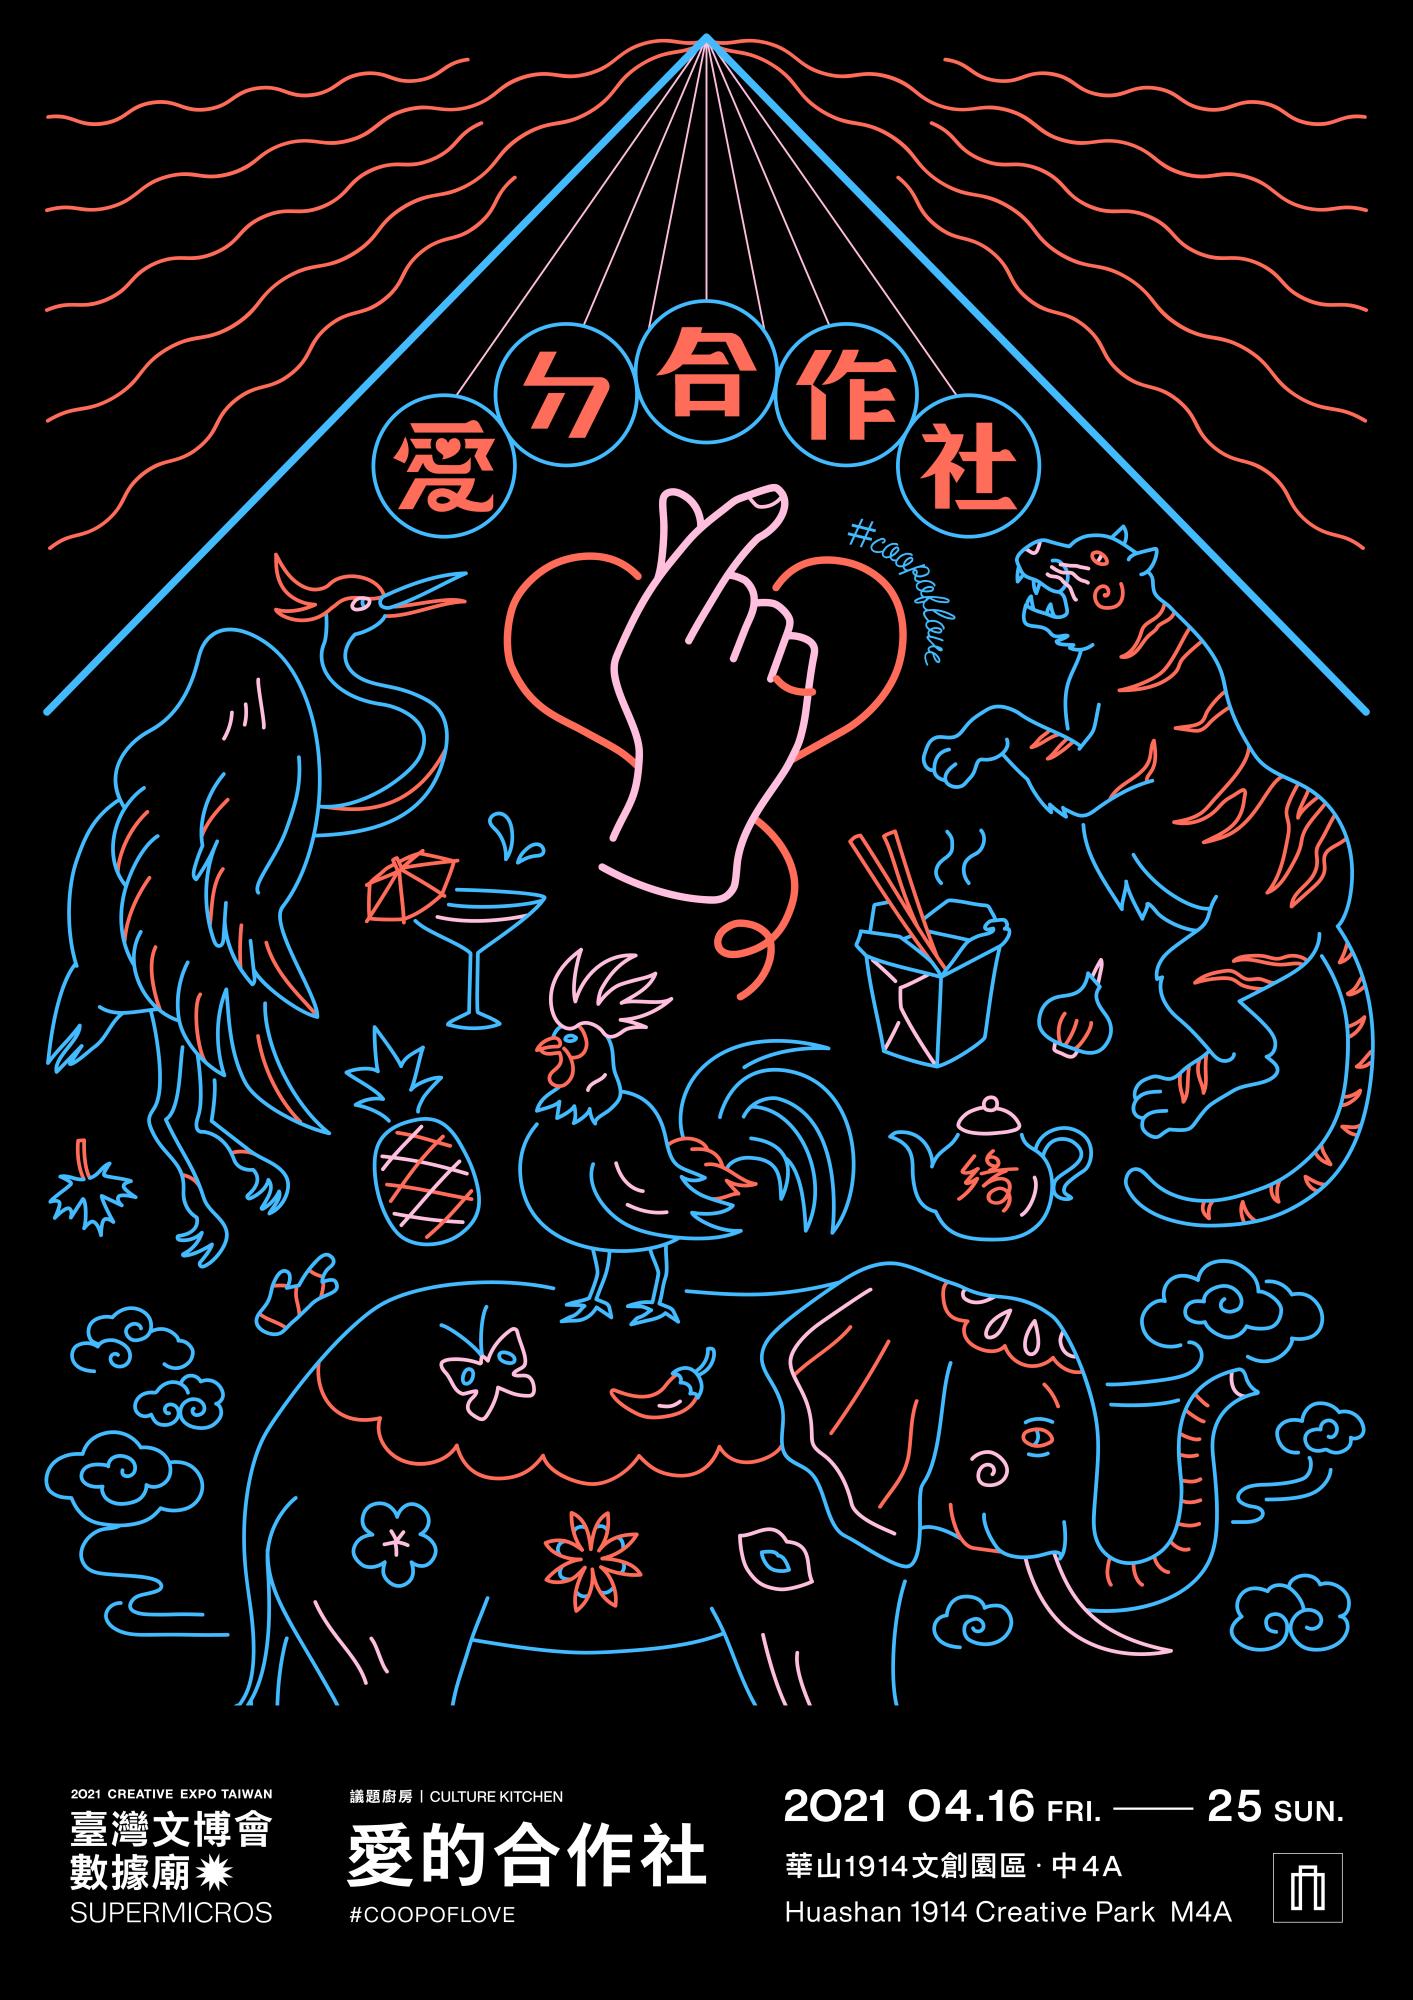 2021臺灣文博會最潮派對!食物設計師陳小曼操刀「愛ㄉ合作社」4大亮點搶先看